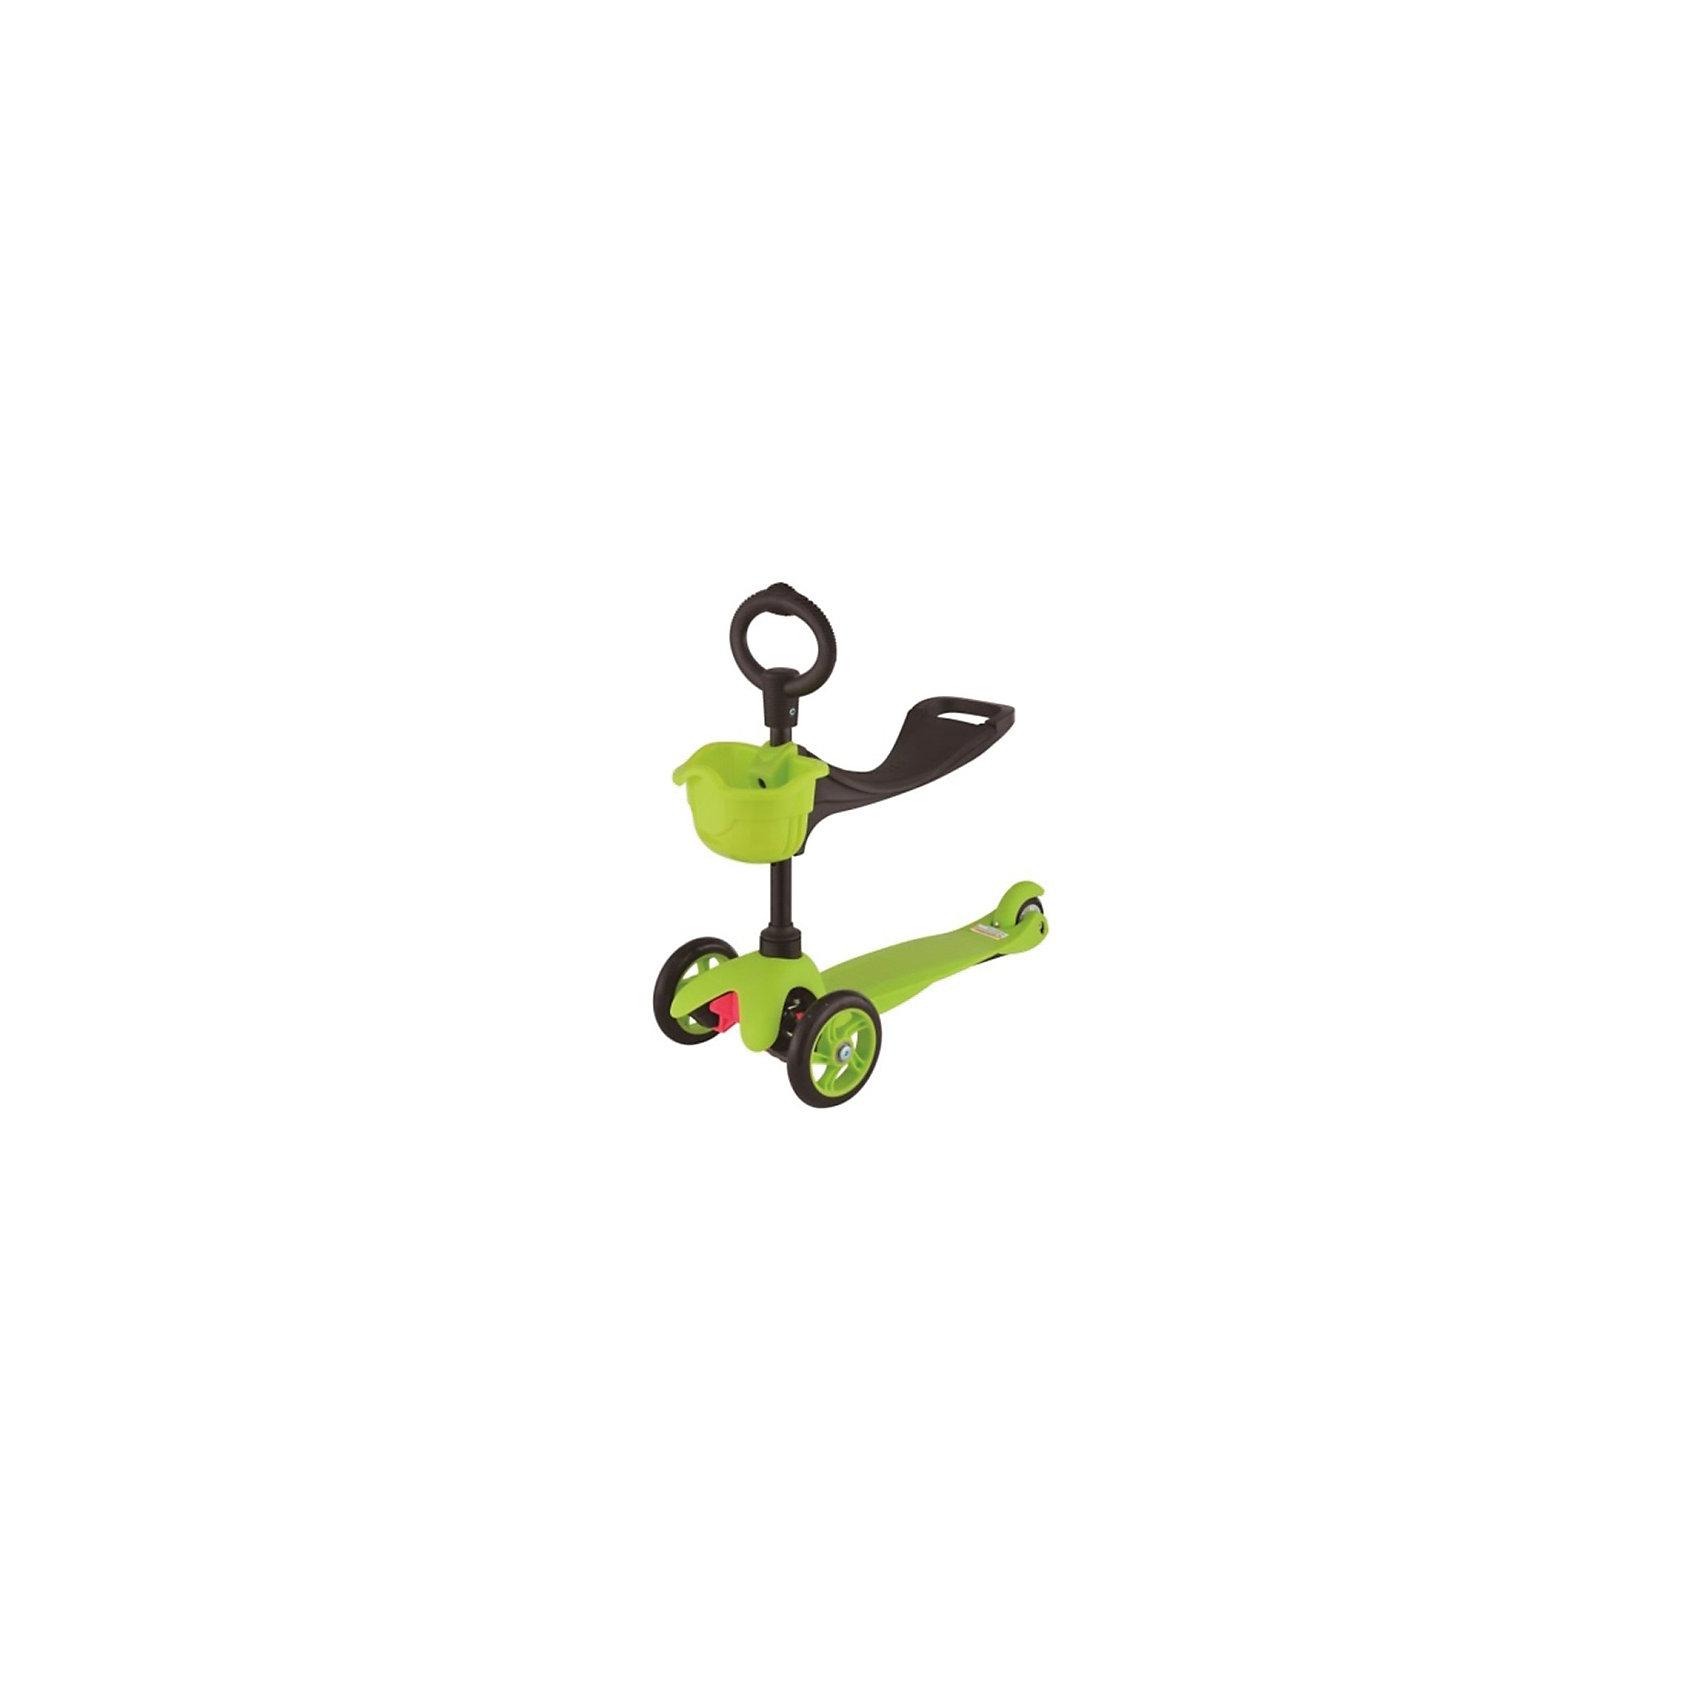 Самокат 3-х колёсный с сидением Maxi Scooter, зелёный, 21st scooTerСамокаты<br>Характеристики товара:<br><br>• возраст: от 1 года;<br>• максимальная нагрузка: 30 кг;<br>• материал: пластик, алюминий;<br>• материал колес: полиуретан;<br>• диаметр передних колес: 120 мм;<br>• диаметр заднего колеса: 80 мм;<br>• размер деки: 52х11 см;<br>• размер самоката: 67х23х53,5 см;<br>• вес самоката: 2,8 кг;<br>• размер упаковки: 61х45х39 см;<br>• вес упаковки: 3 кг;<br>• страна производитель: Китай.<br><br>Самокат трехколесный с сидением Maxi Scooter 21st ScooTer зеленый позволит весело и активно провести время на прогулке и поспособствует физическому развитию ребенка. Самокат подойдет для детей, которые только учатся кататься на самокате. <br><br>Для самых маленьких на самокат крепится сидение. Сидя на нем, малыш отталкивается от земли и осваивает базовые навыки катания. Затем сидение снимается, и самокат используется в качестве традиционного самоката.<br><br>Платформа выполнена из прочного пластика с рифленой поверхностью. Подшипники позволяют смягчить тряску по неровному дорожному покрытию. На руле имеется небольшая корзинка для мелочей и игрушек.<br><br>Самокат трехколесный с сидением Maxi Scooter 21st ScooTer зеленый можно приобрести в нашем интернет-магазине.<br><br>Ширина мм: 610<br>Глубина мм: 450<br>Высота мм: 390<br>Вес г: 3100<br>Возраст от месяцев: 24<br>Возраст до месяцев: 2147483647<br>Пол: Унисекс<br>Возраст: Детский<br>SKU: 5475700